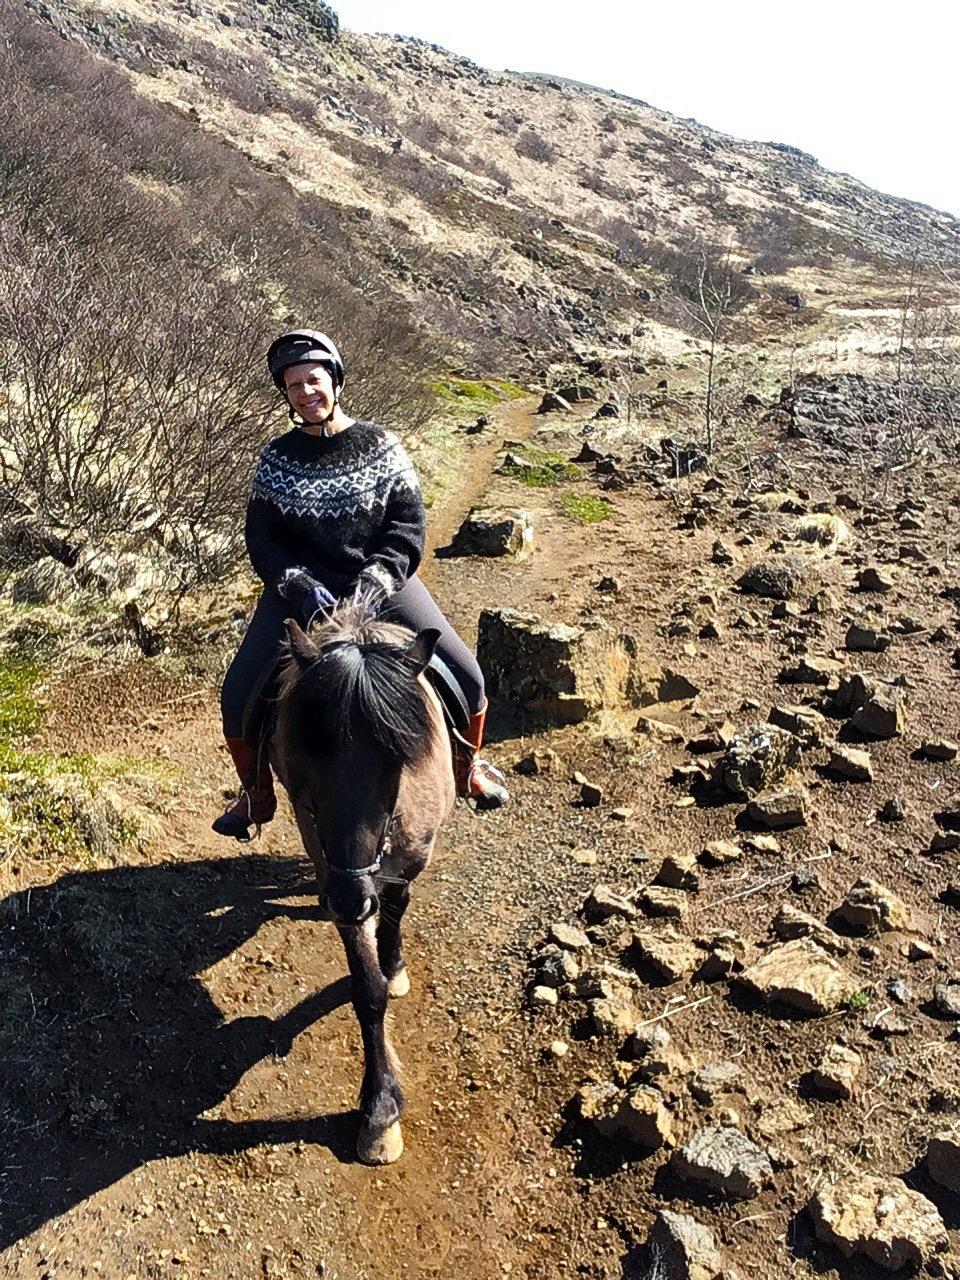 Sheila on Icelandic Horse